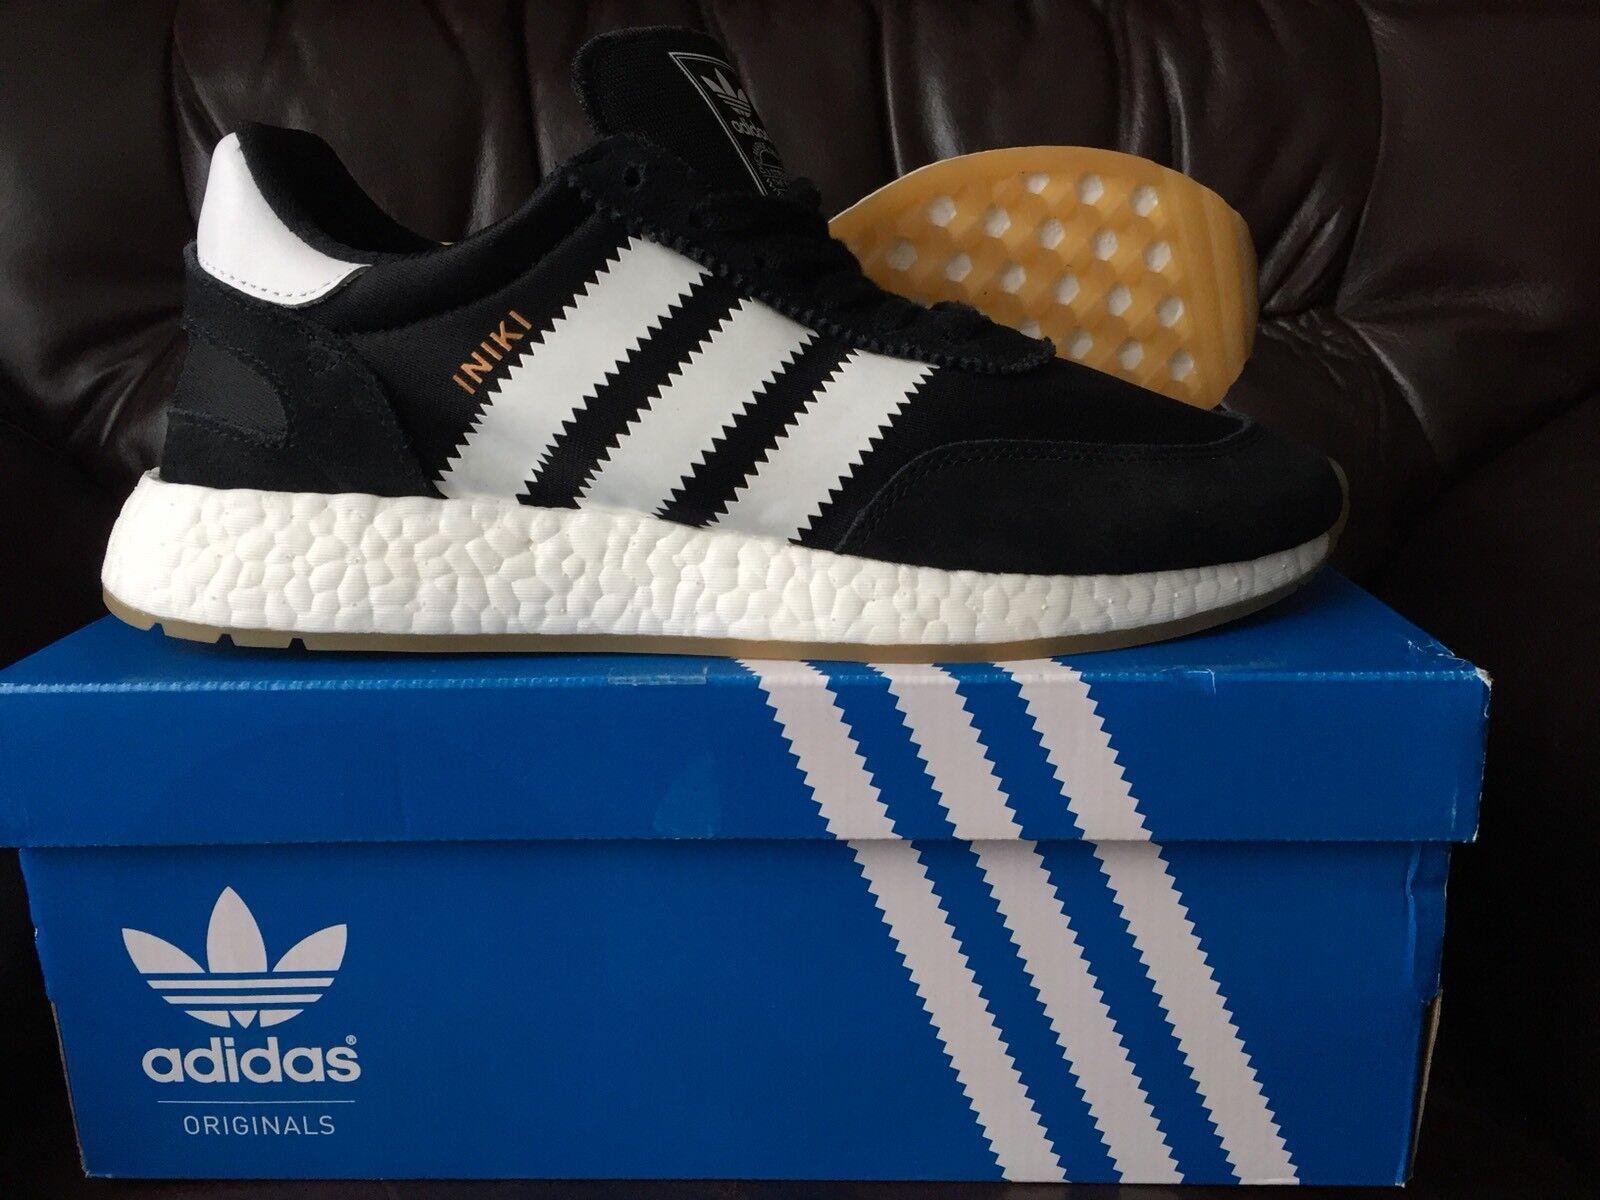 wholesale dealer f9fcd 39a87 NUOVO in Scatola Adidas iniki Boost I-5923 Nero Bianco Uk Uk Uk 8.5 US 9 EU  42 2 3 Ultra 310fe3